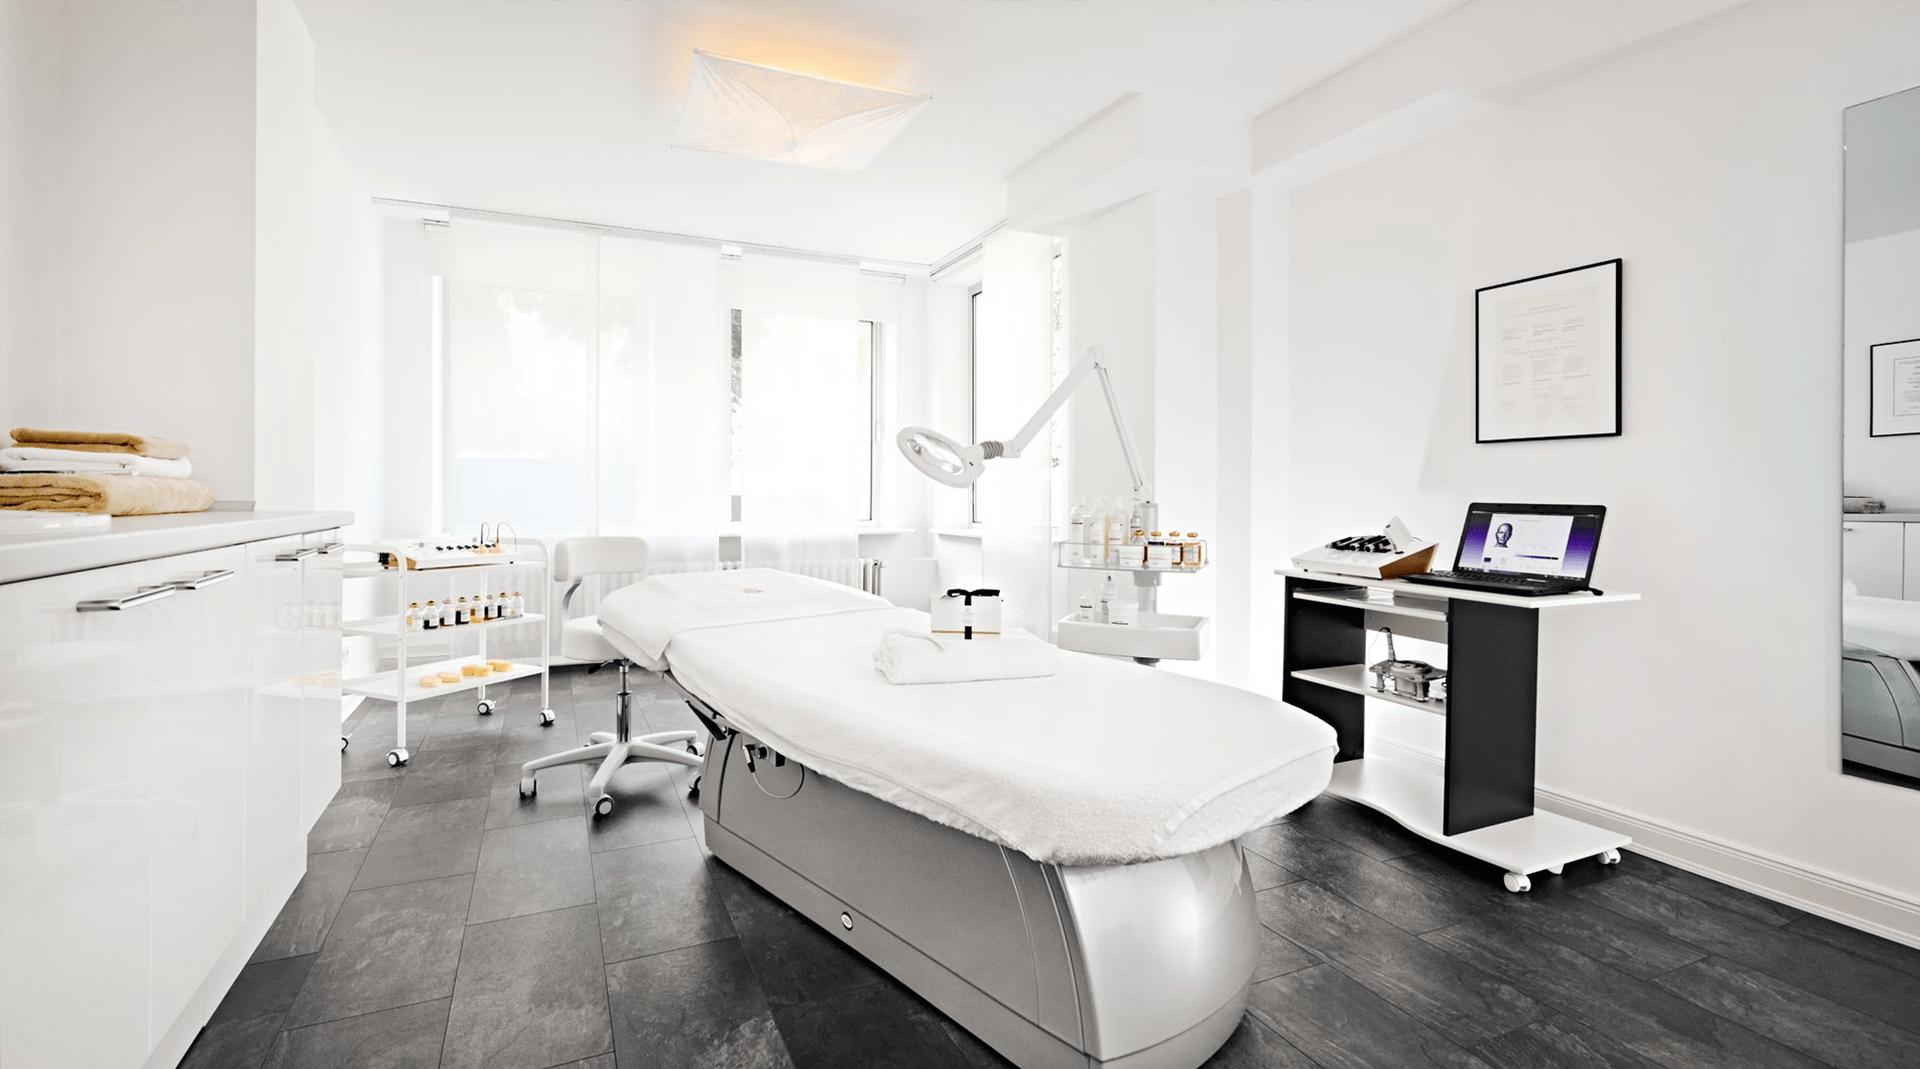 Behandlungsraum für Haut- und Körperpflege in Hamburg - evas concept